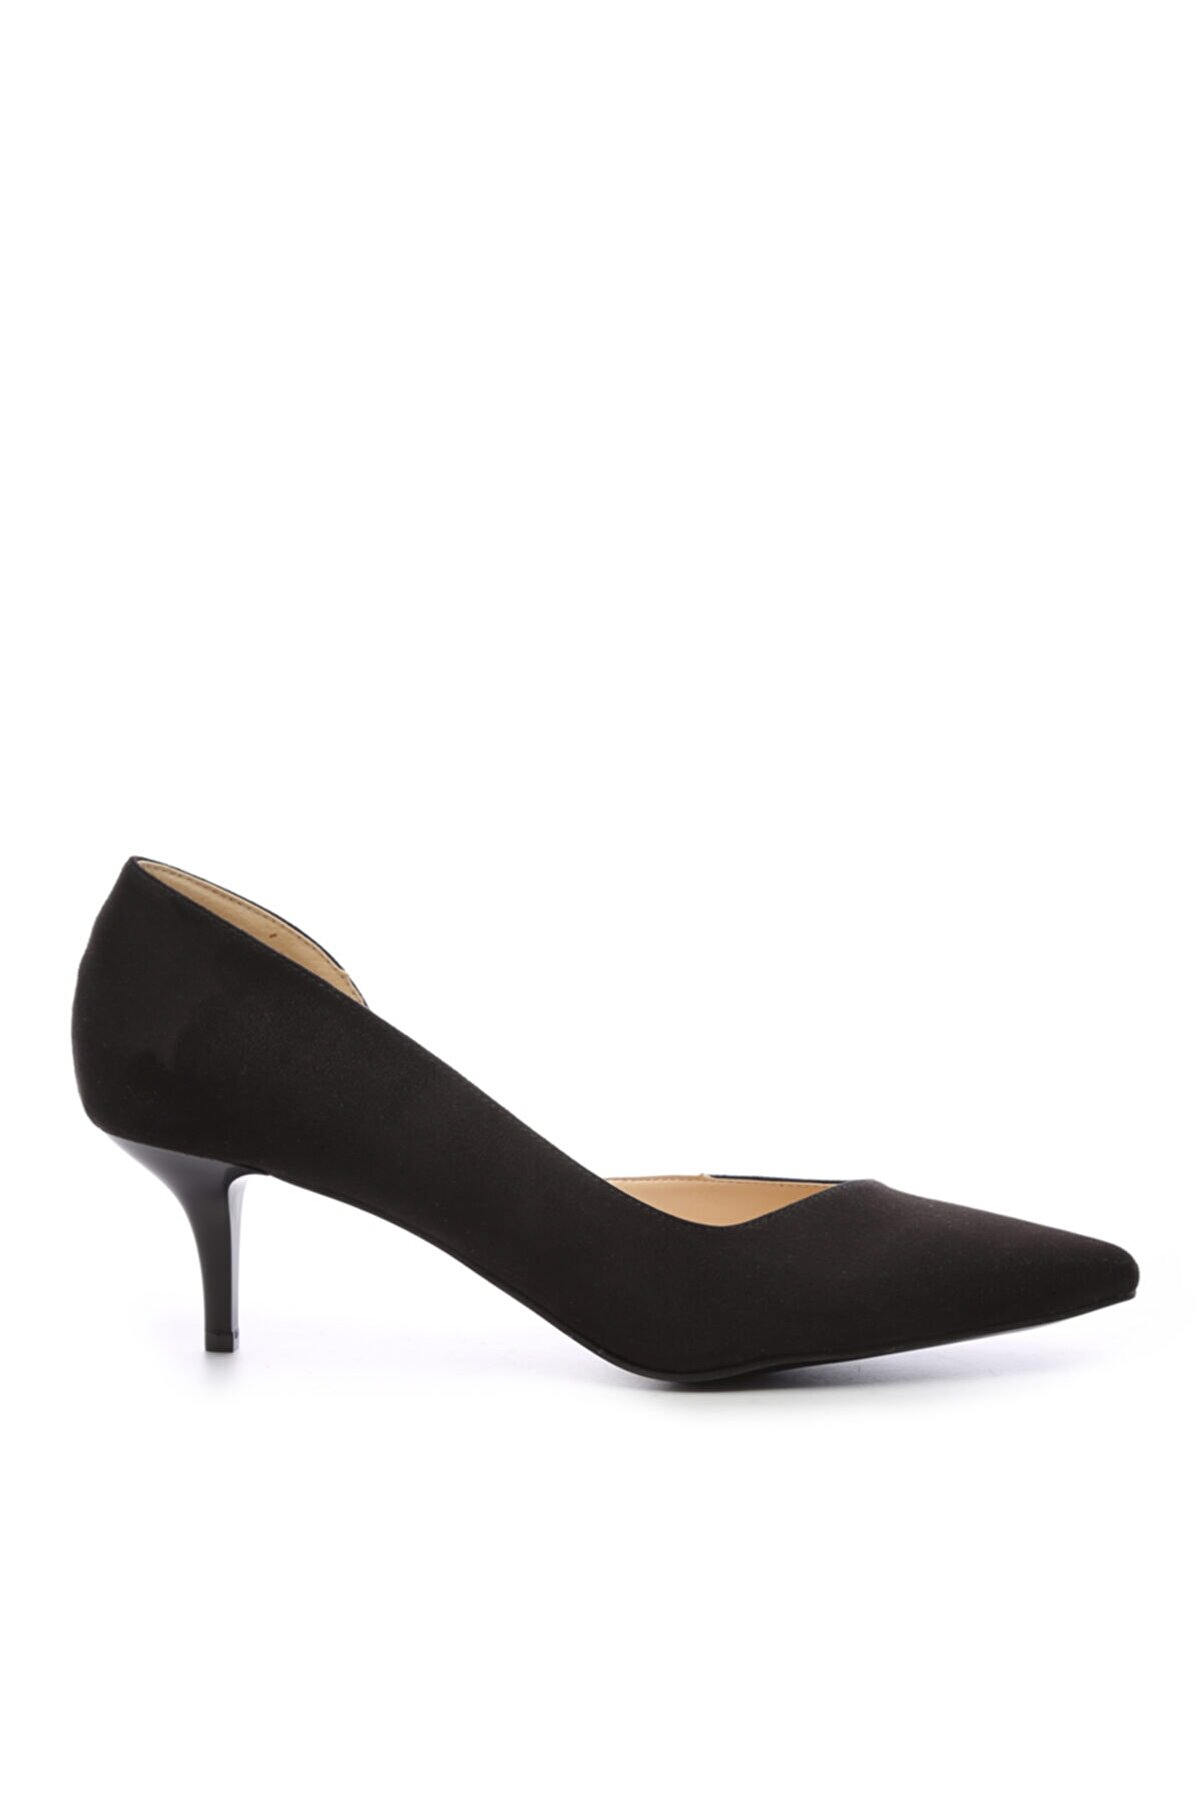 Kemal Tanca Kadın Vegan Topuklu & Stiletto Ayakkabı 26 47737 Bn Ayk Y20